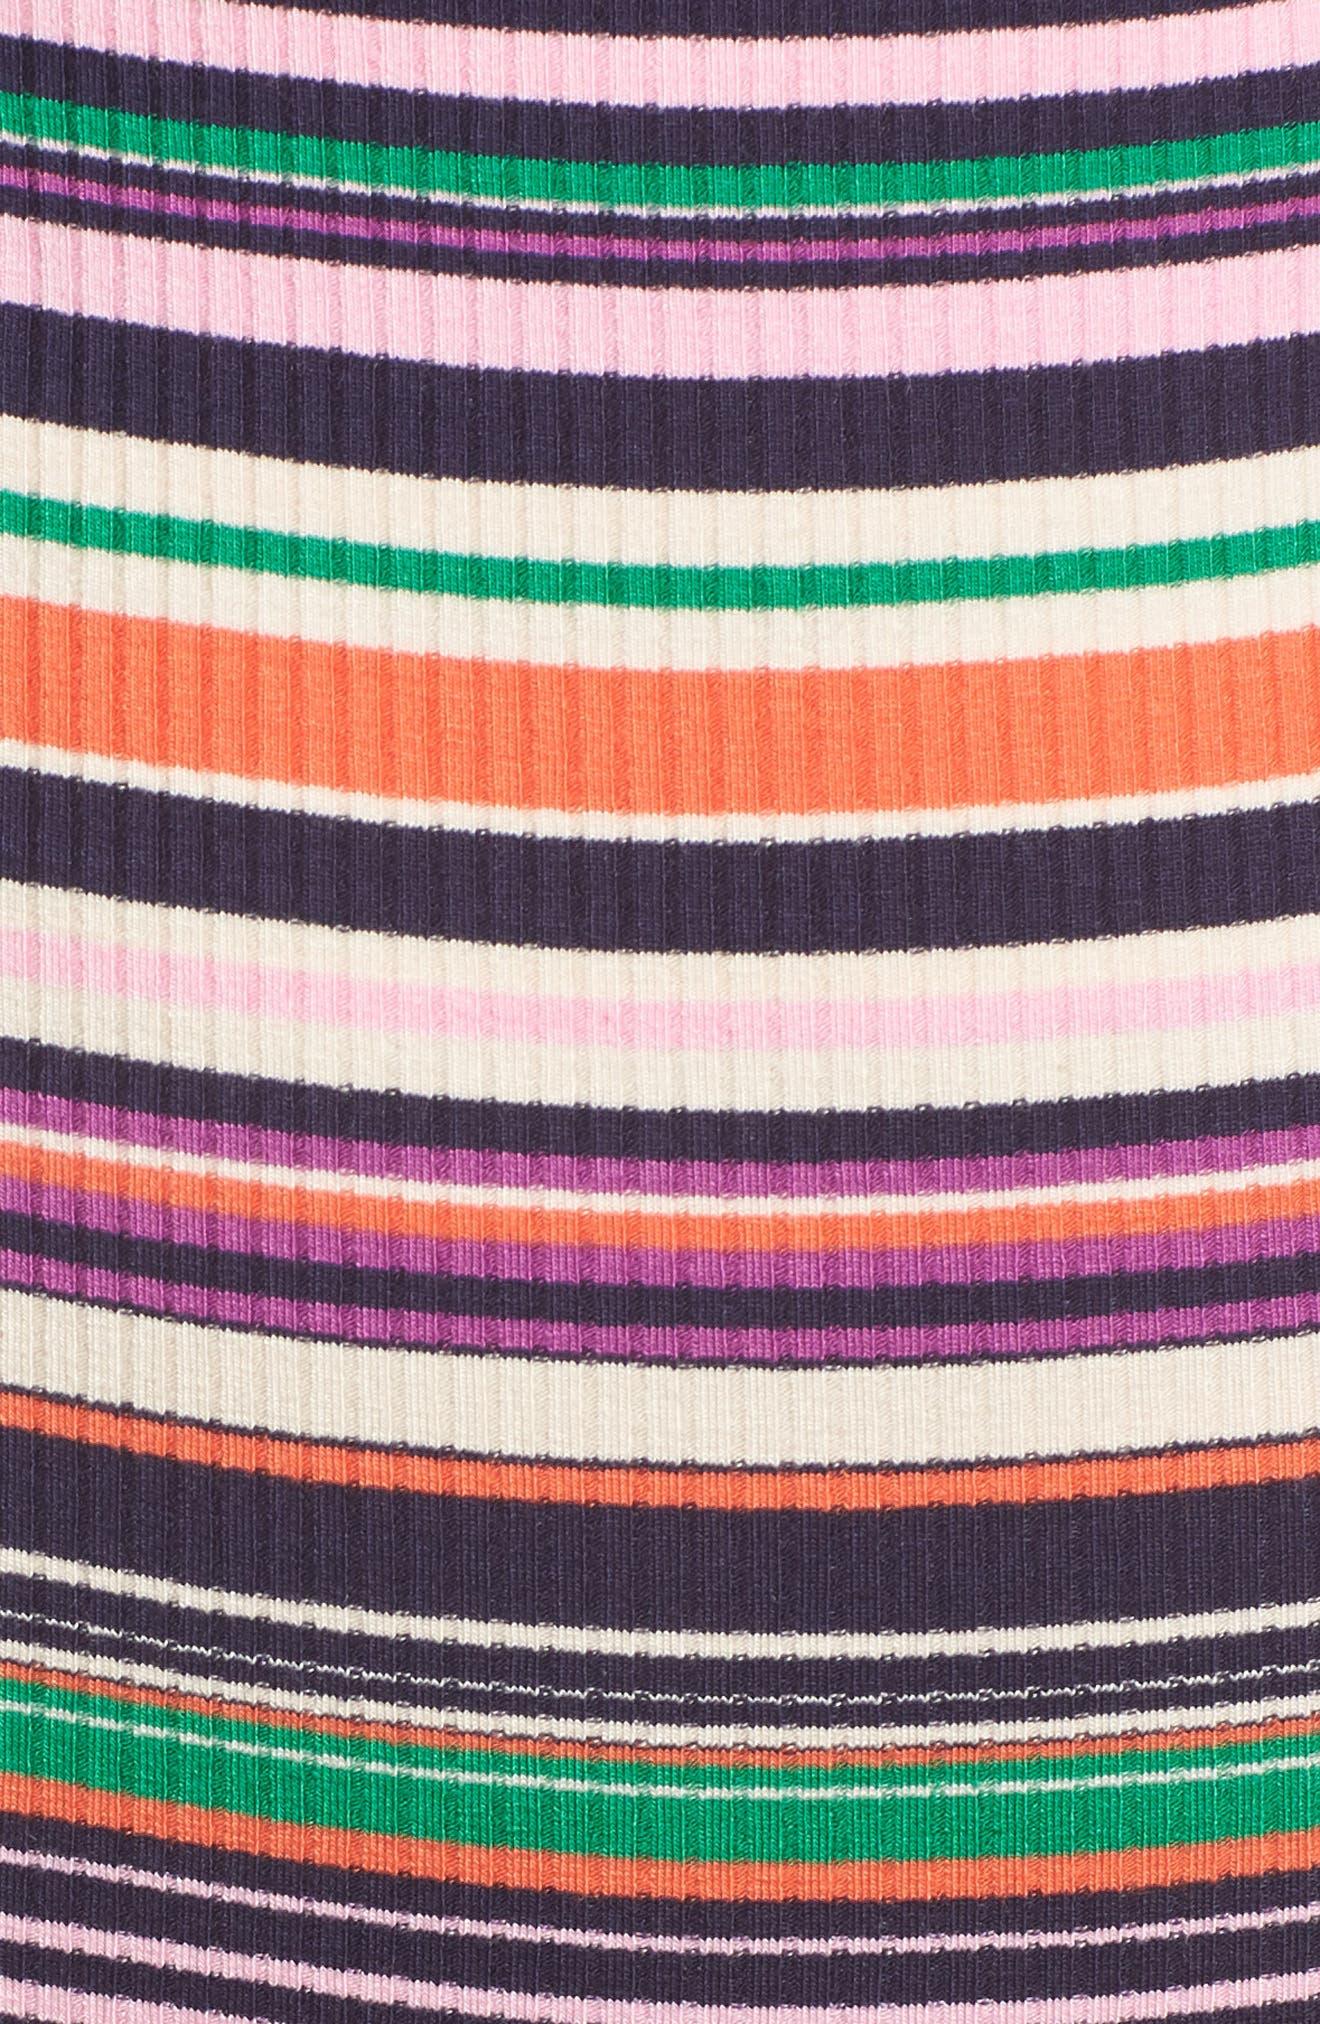 Brooks Cutout Thong Bodysuit,                             Alternate thumbnail 5, color,                             Multi Stripe